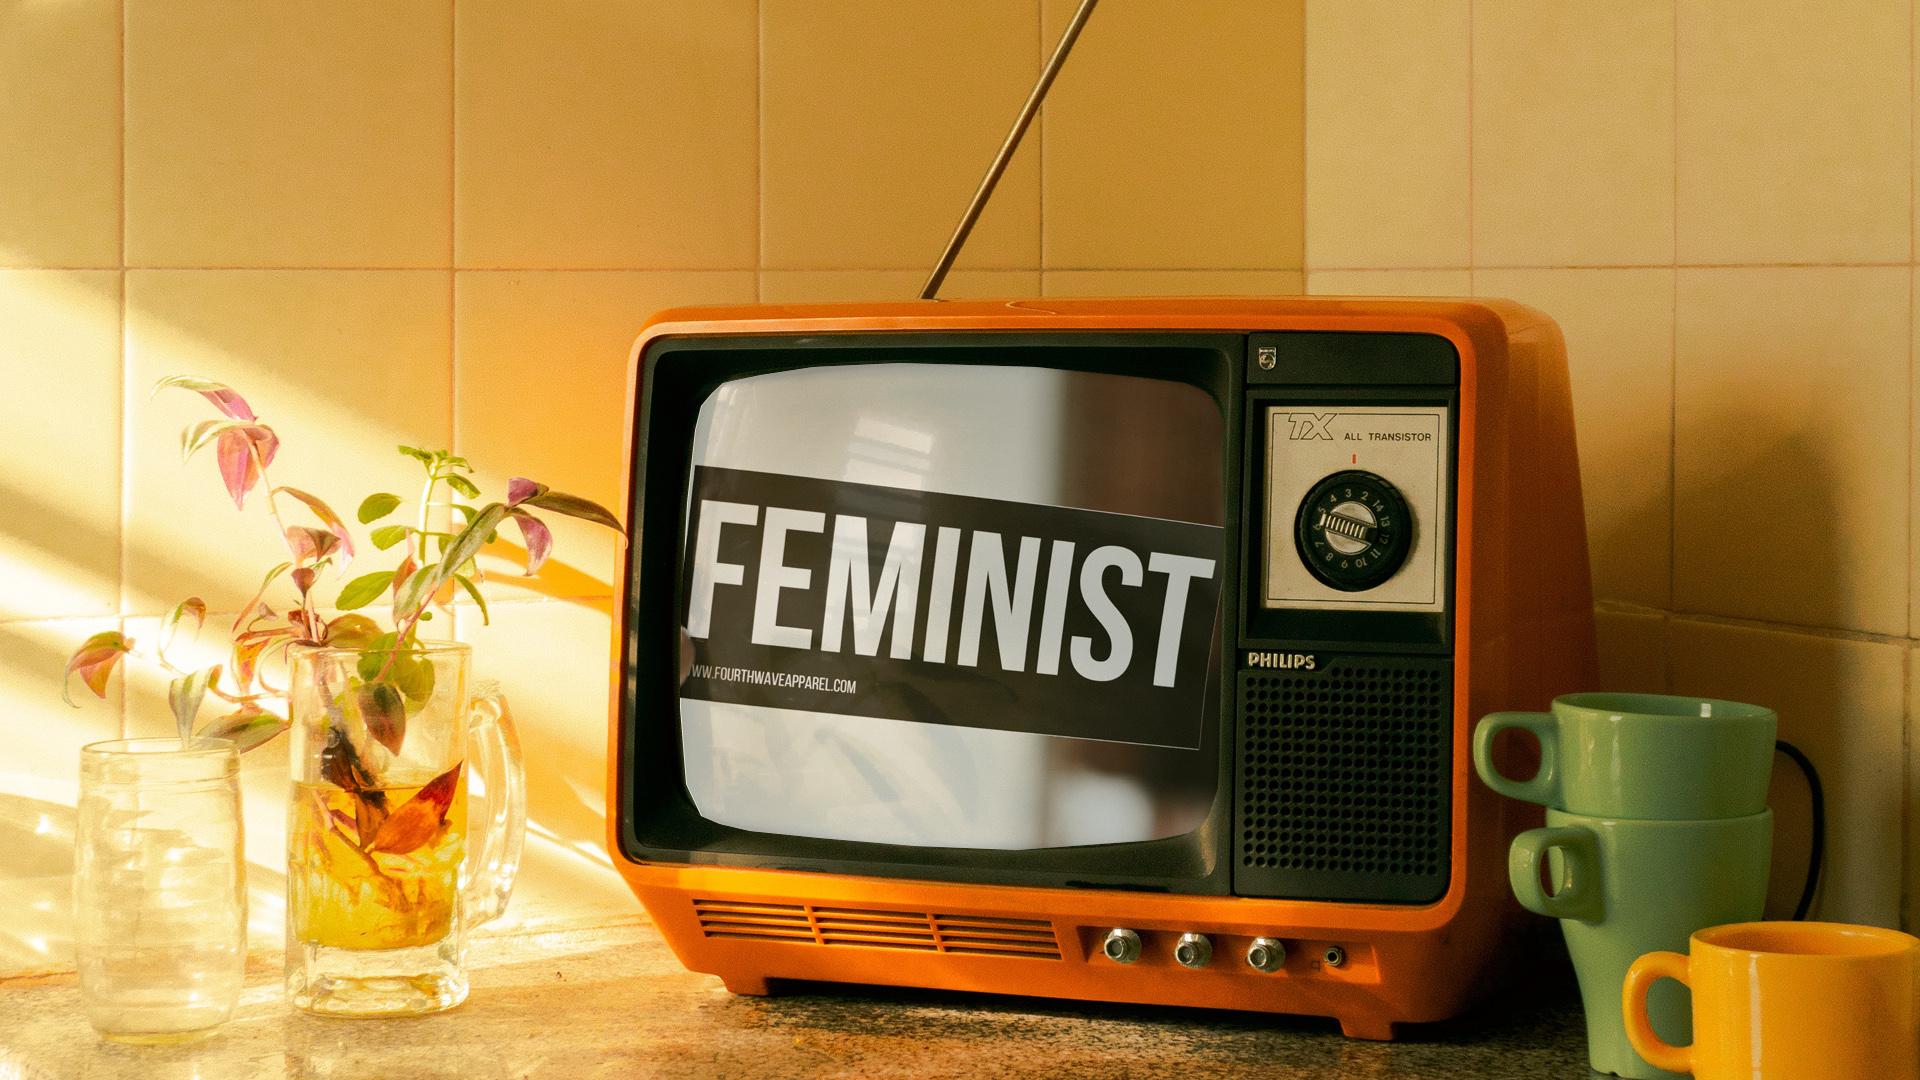 A propósito de la publicidad, el feminismo y el 8M | Blog de Sábado Comunicación y Marketing Digital Córdoba